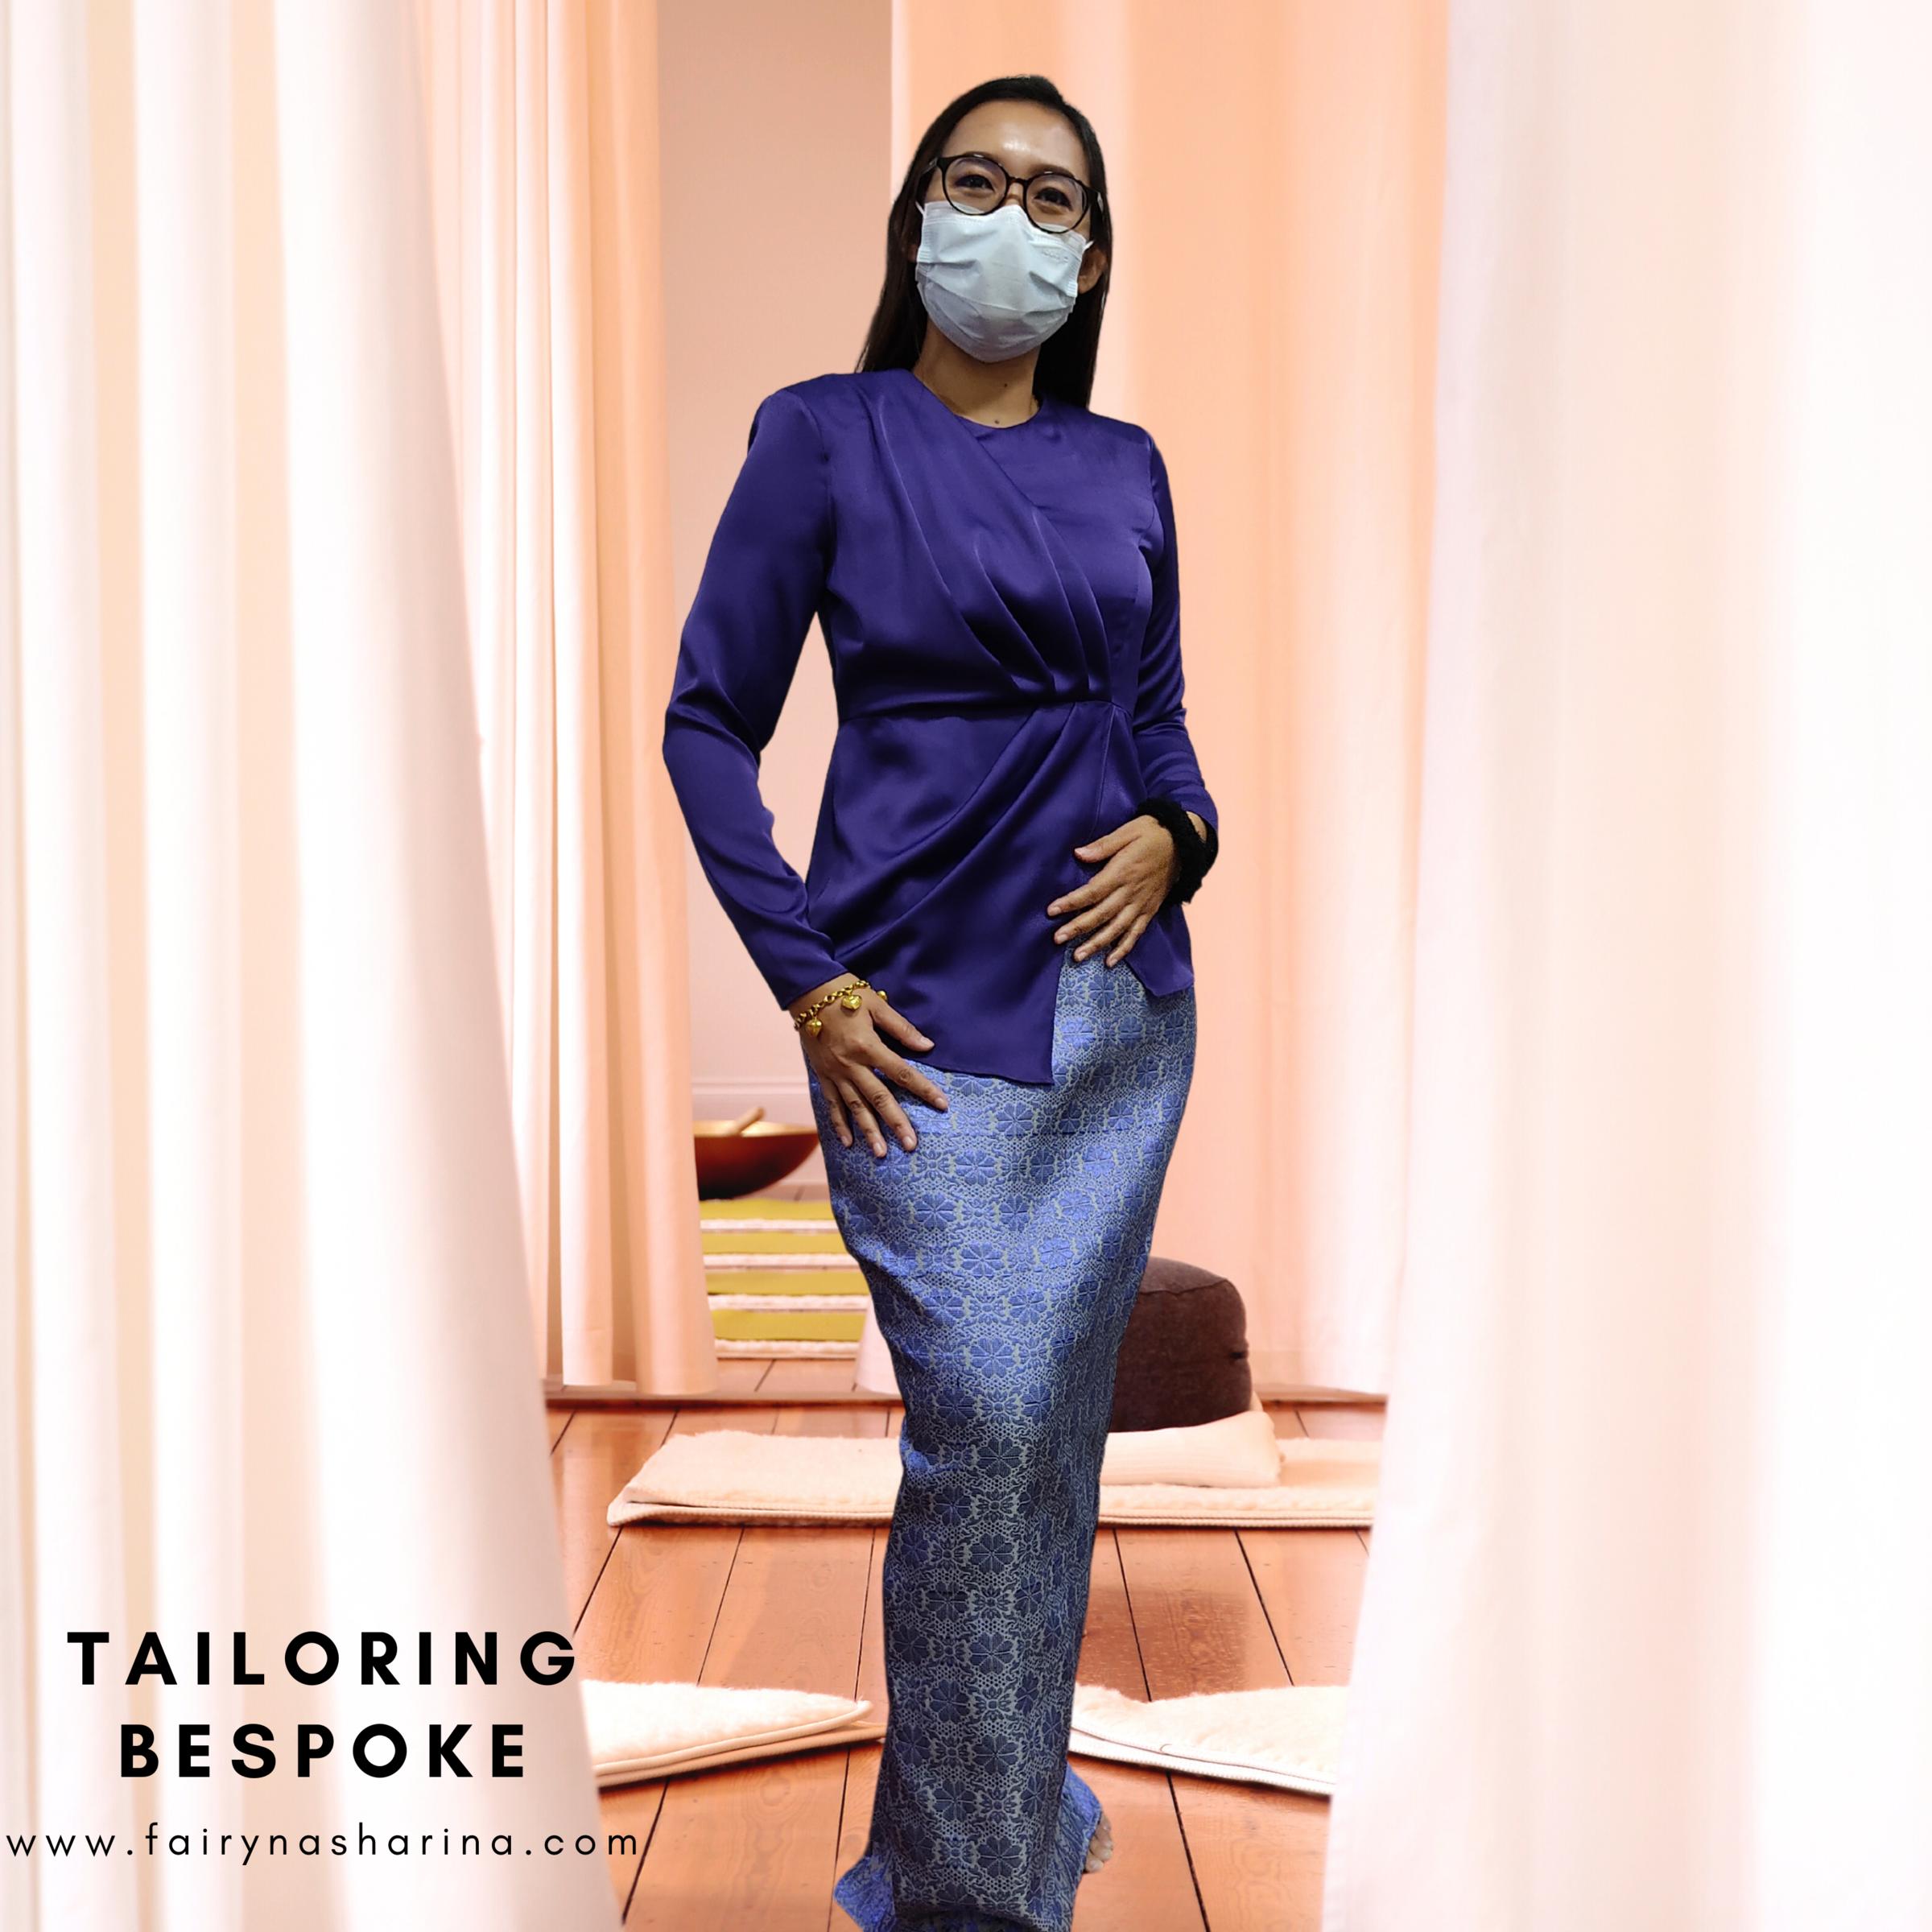 Tailoring Bespoke.png